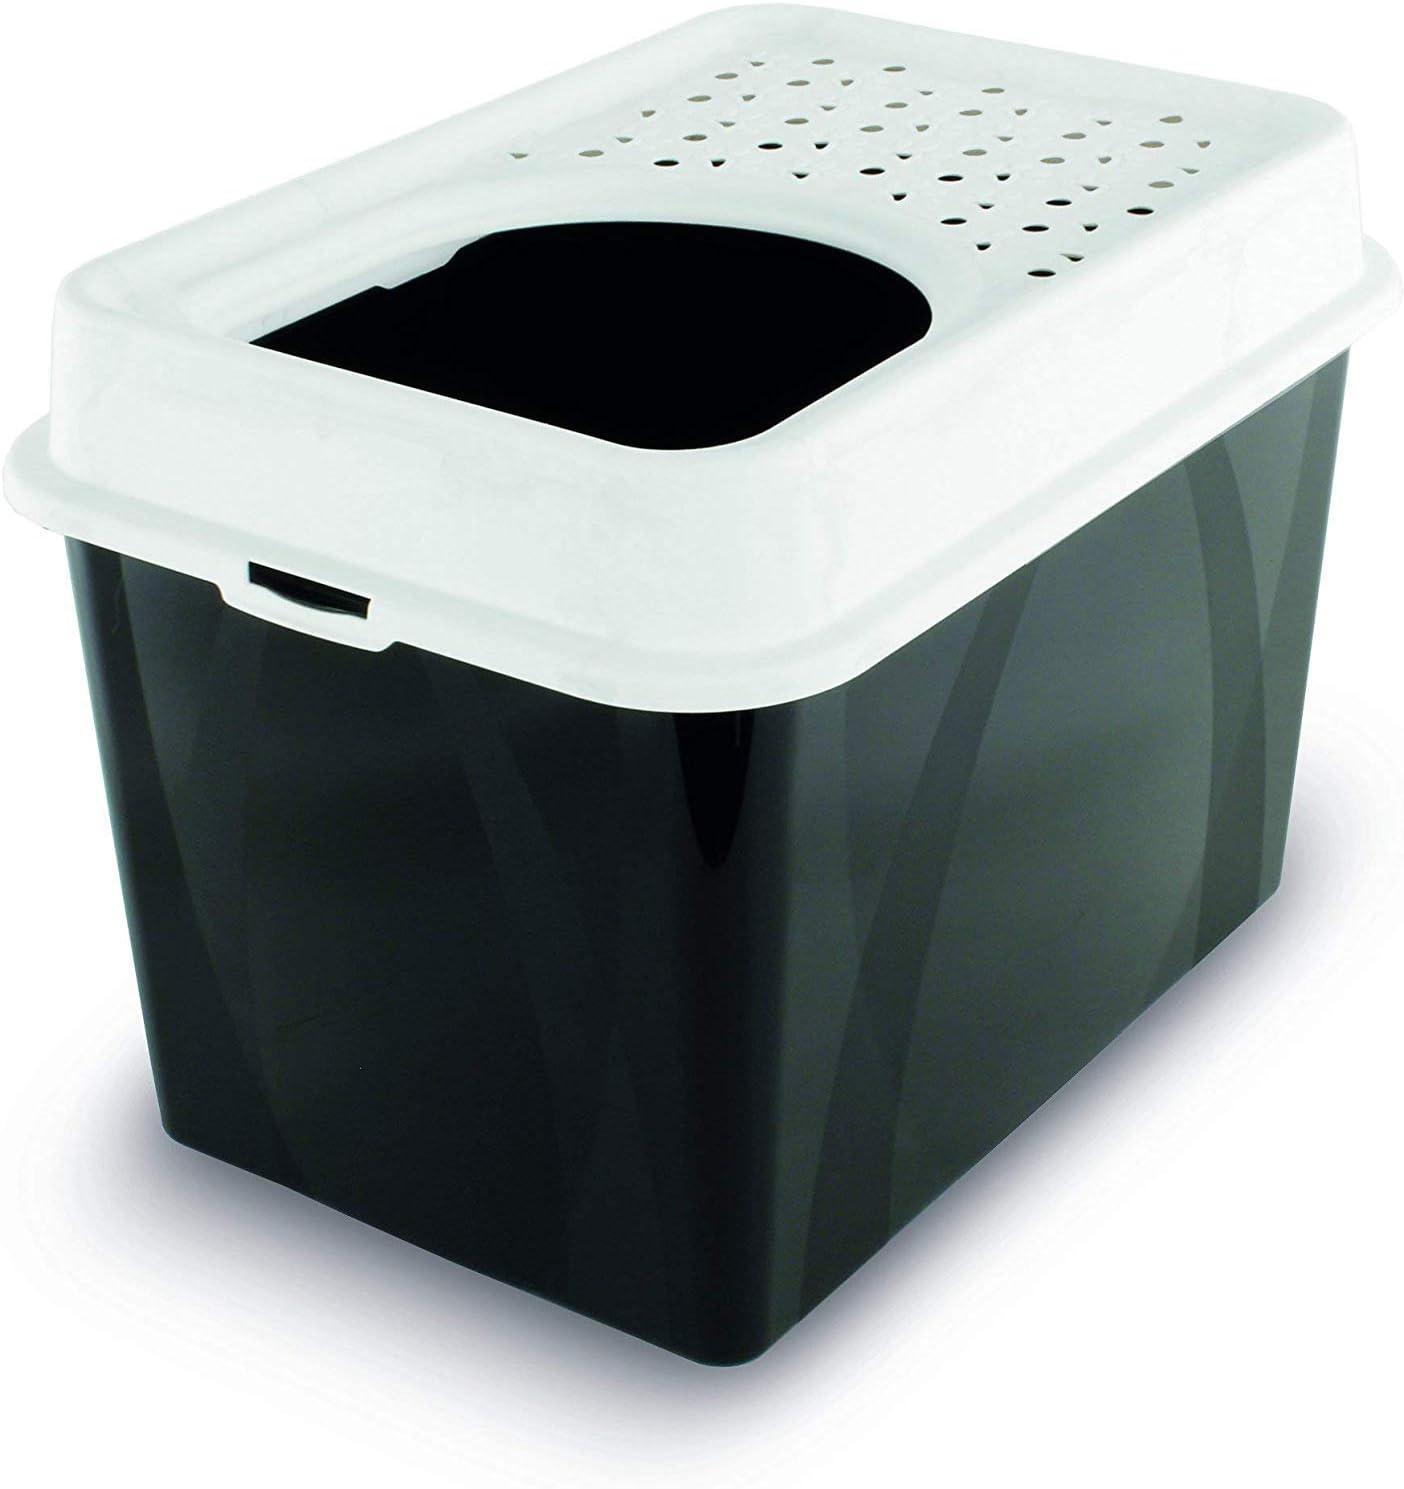 Rotho Berty - Caja de arena alta con entrada superior, plástico (PP) sin BPA, negro / blanco, 57,2 x 39,2 x 40 cm